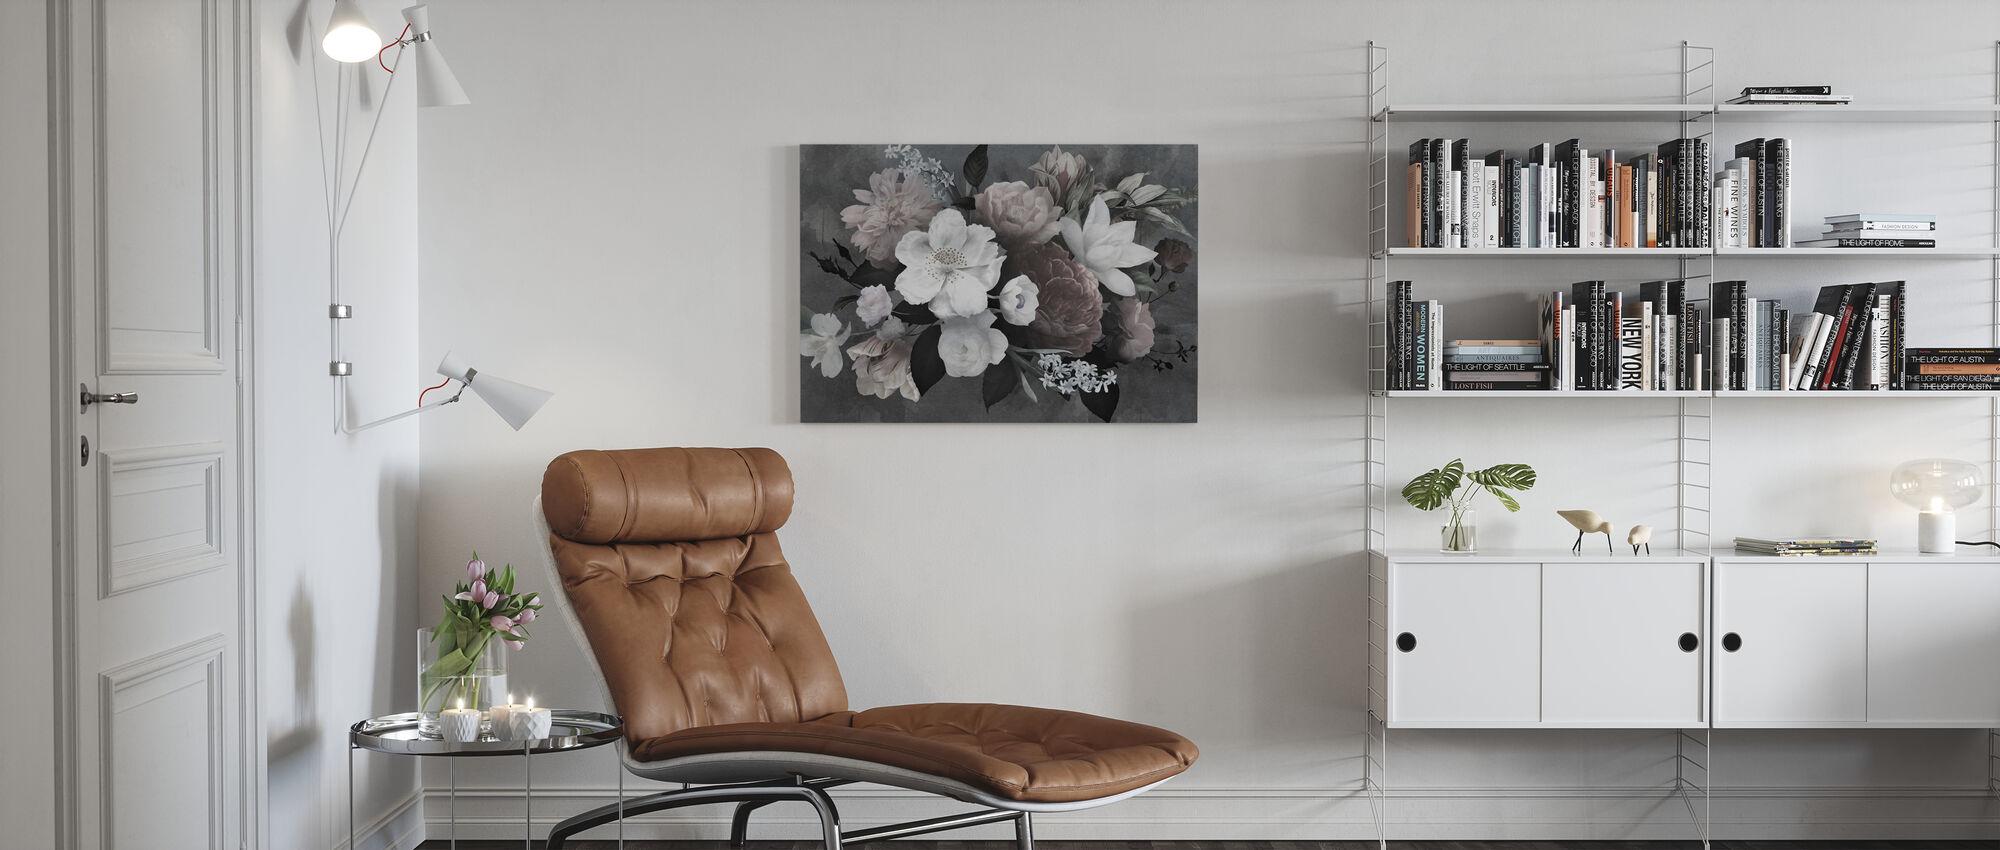 Vintage Blommor - Canvastavla - Vardagsrum